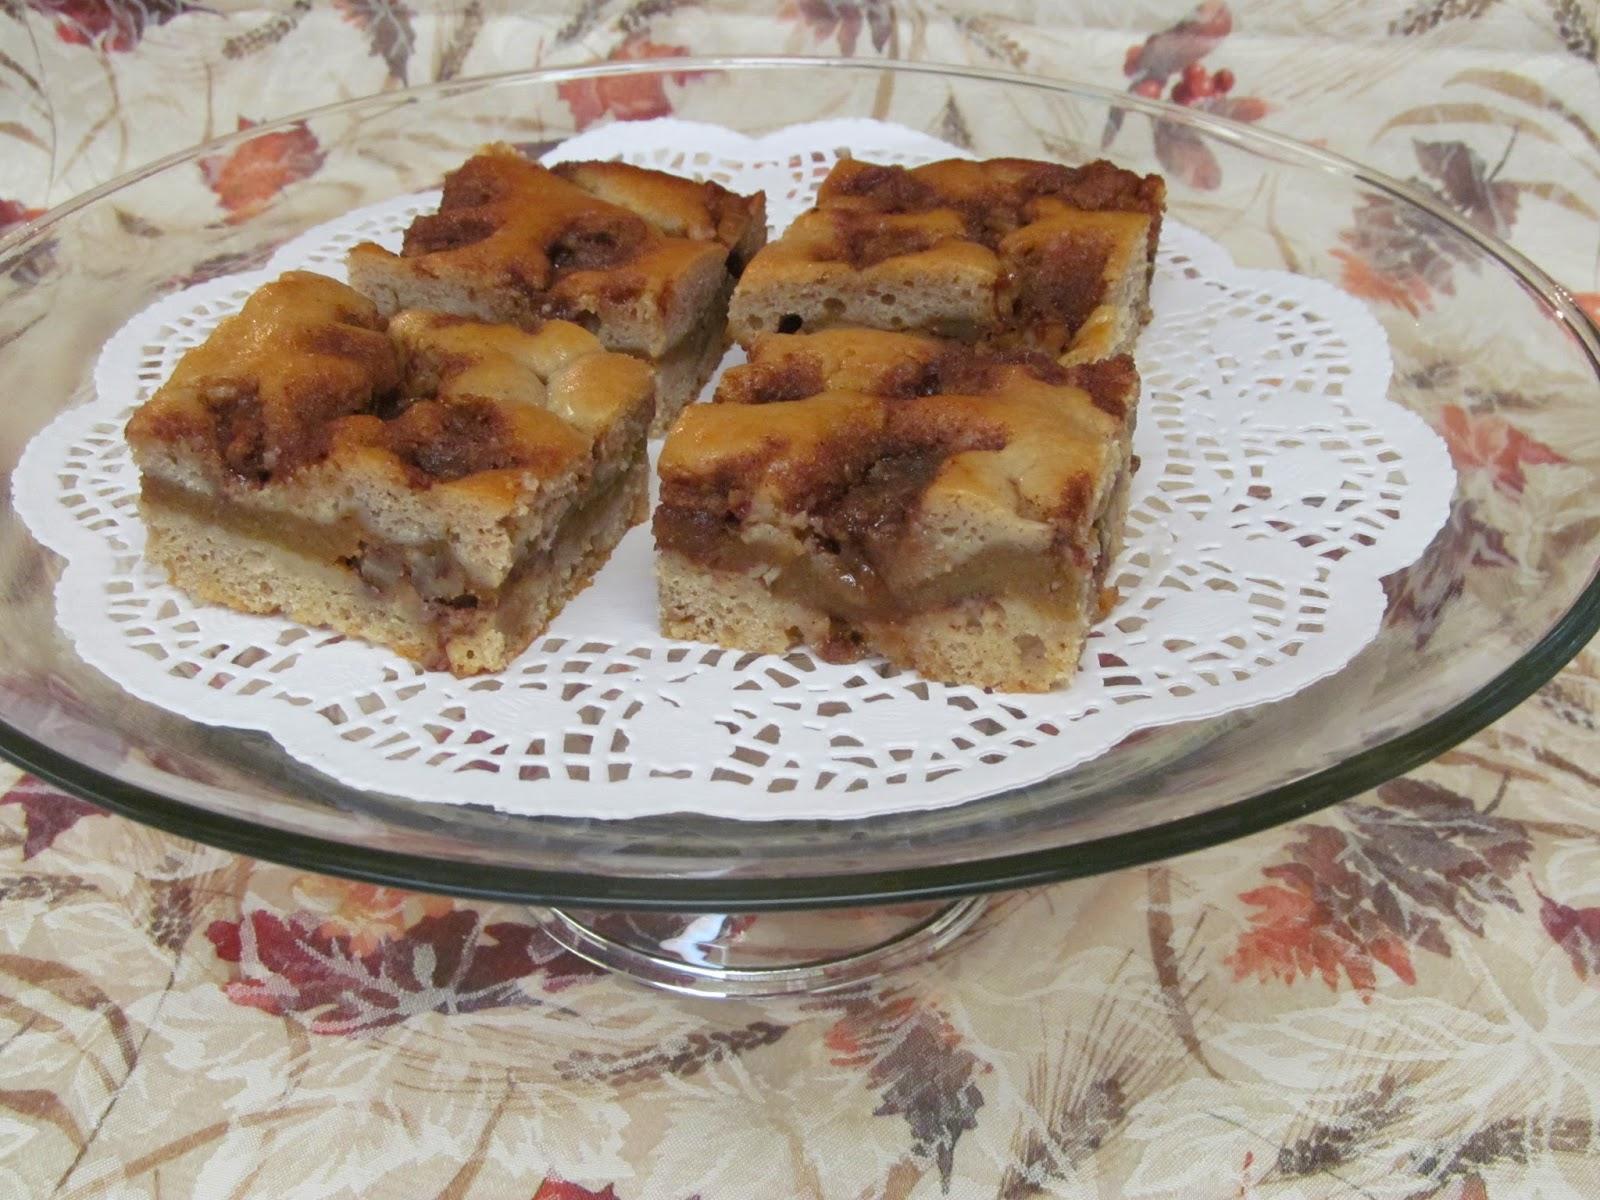 Home Joys: Flo's Cakes - Sour Cream Pumpkin Coffee Cake